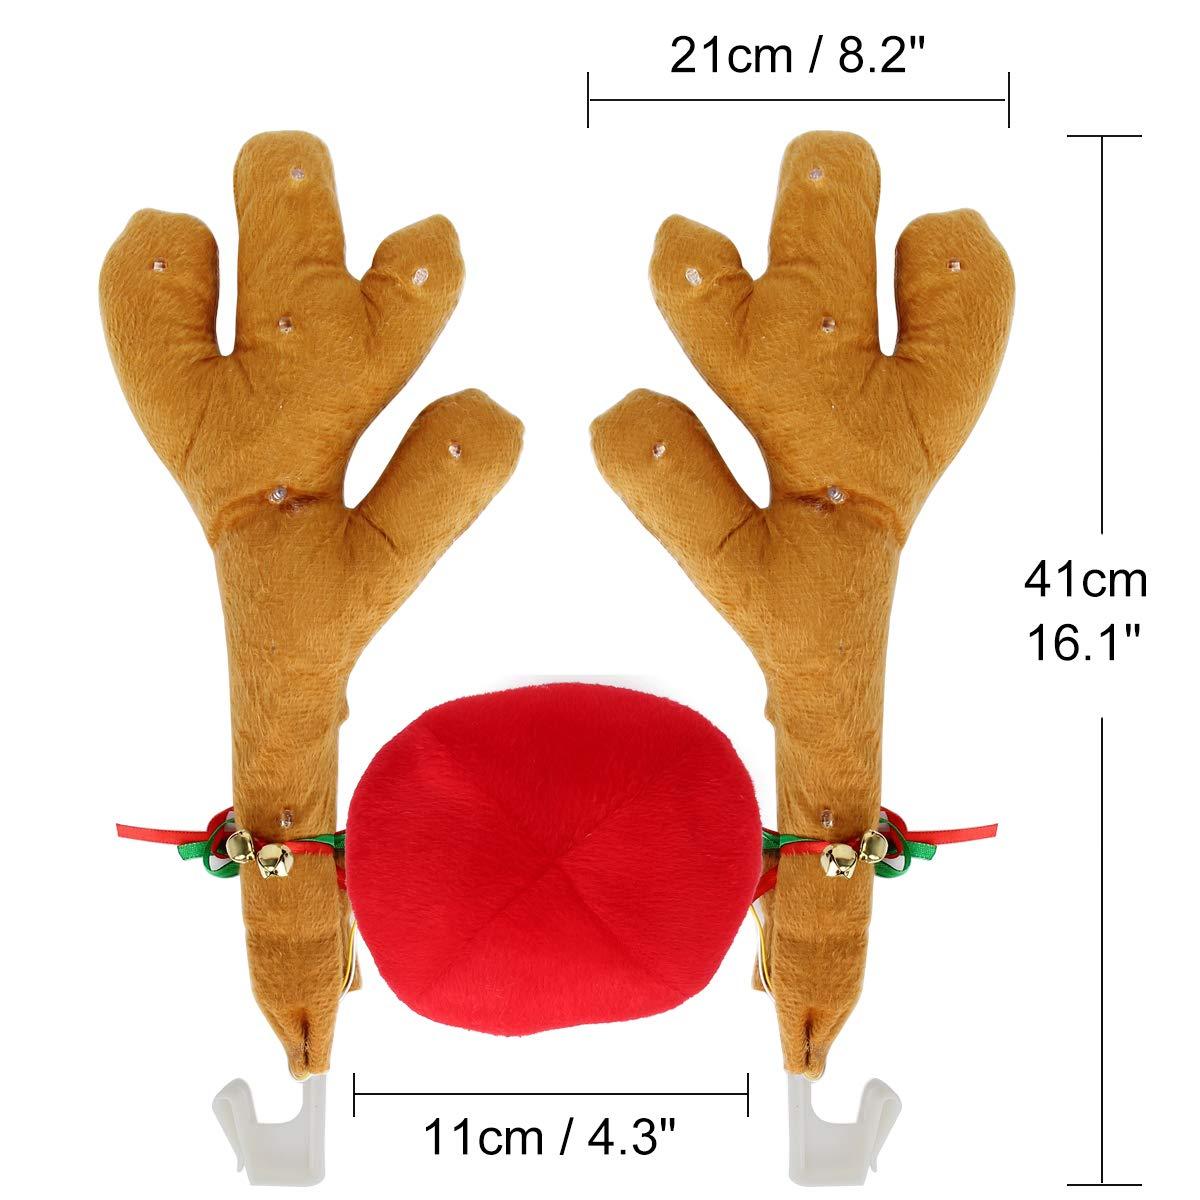 Kitchnexus Reindeer Costume Kit con Jingle Bells Decorazione auto Decorazione auto Natale